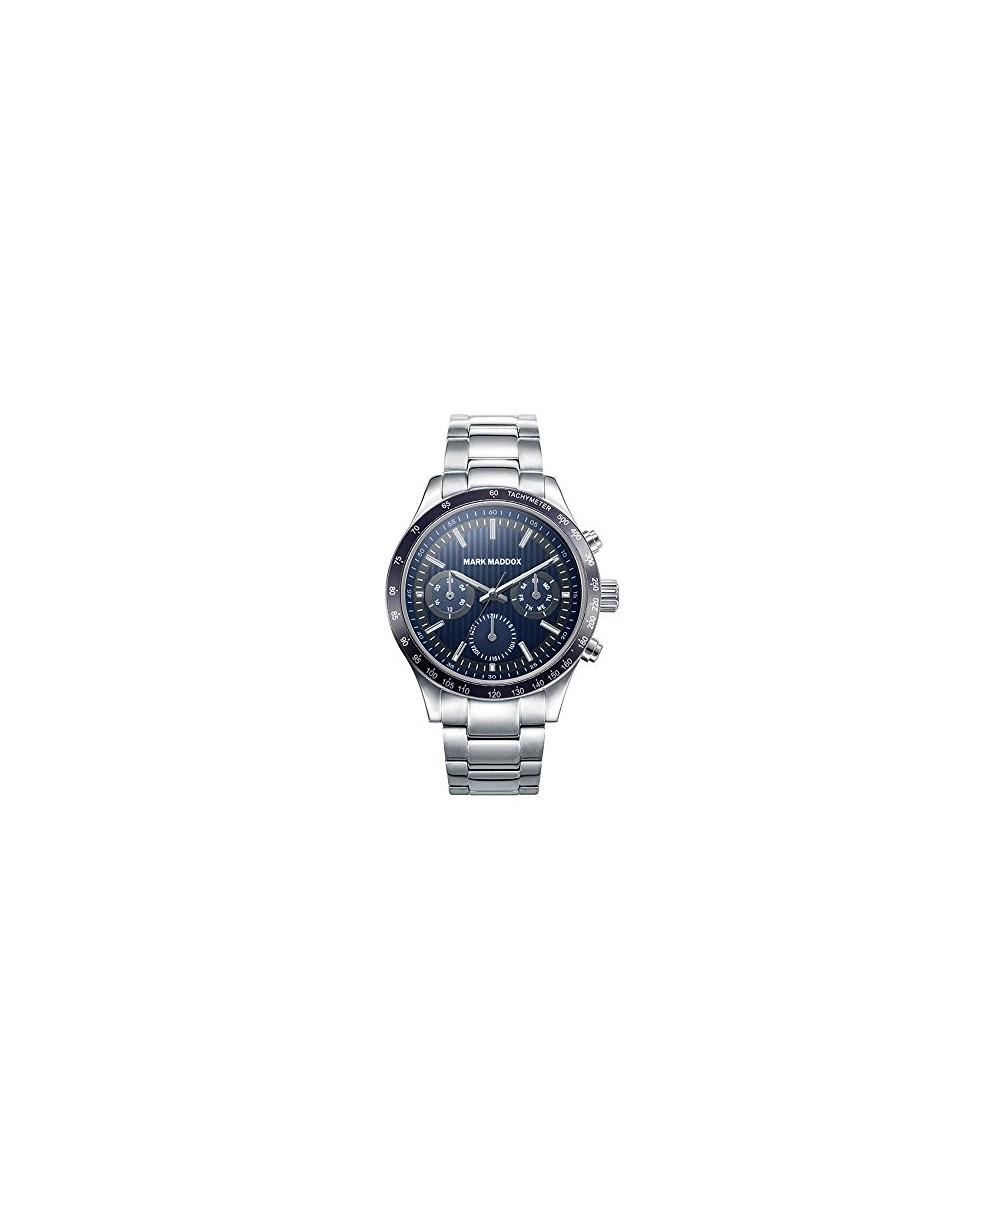 f00aba295f48 Reloj Mark Maddox Hombre HM7017-37